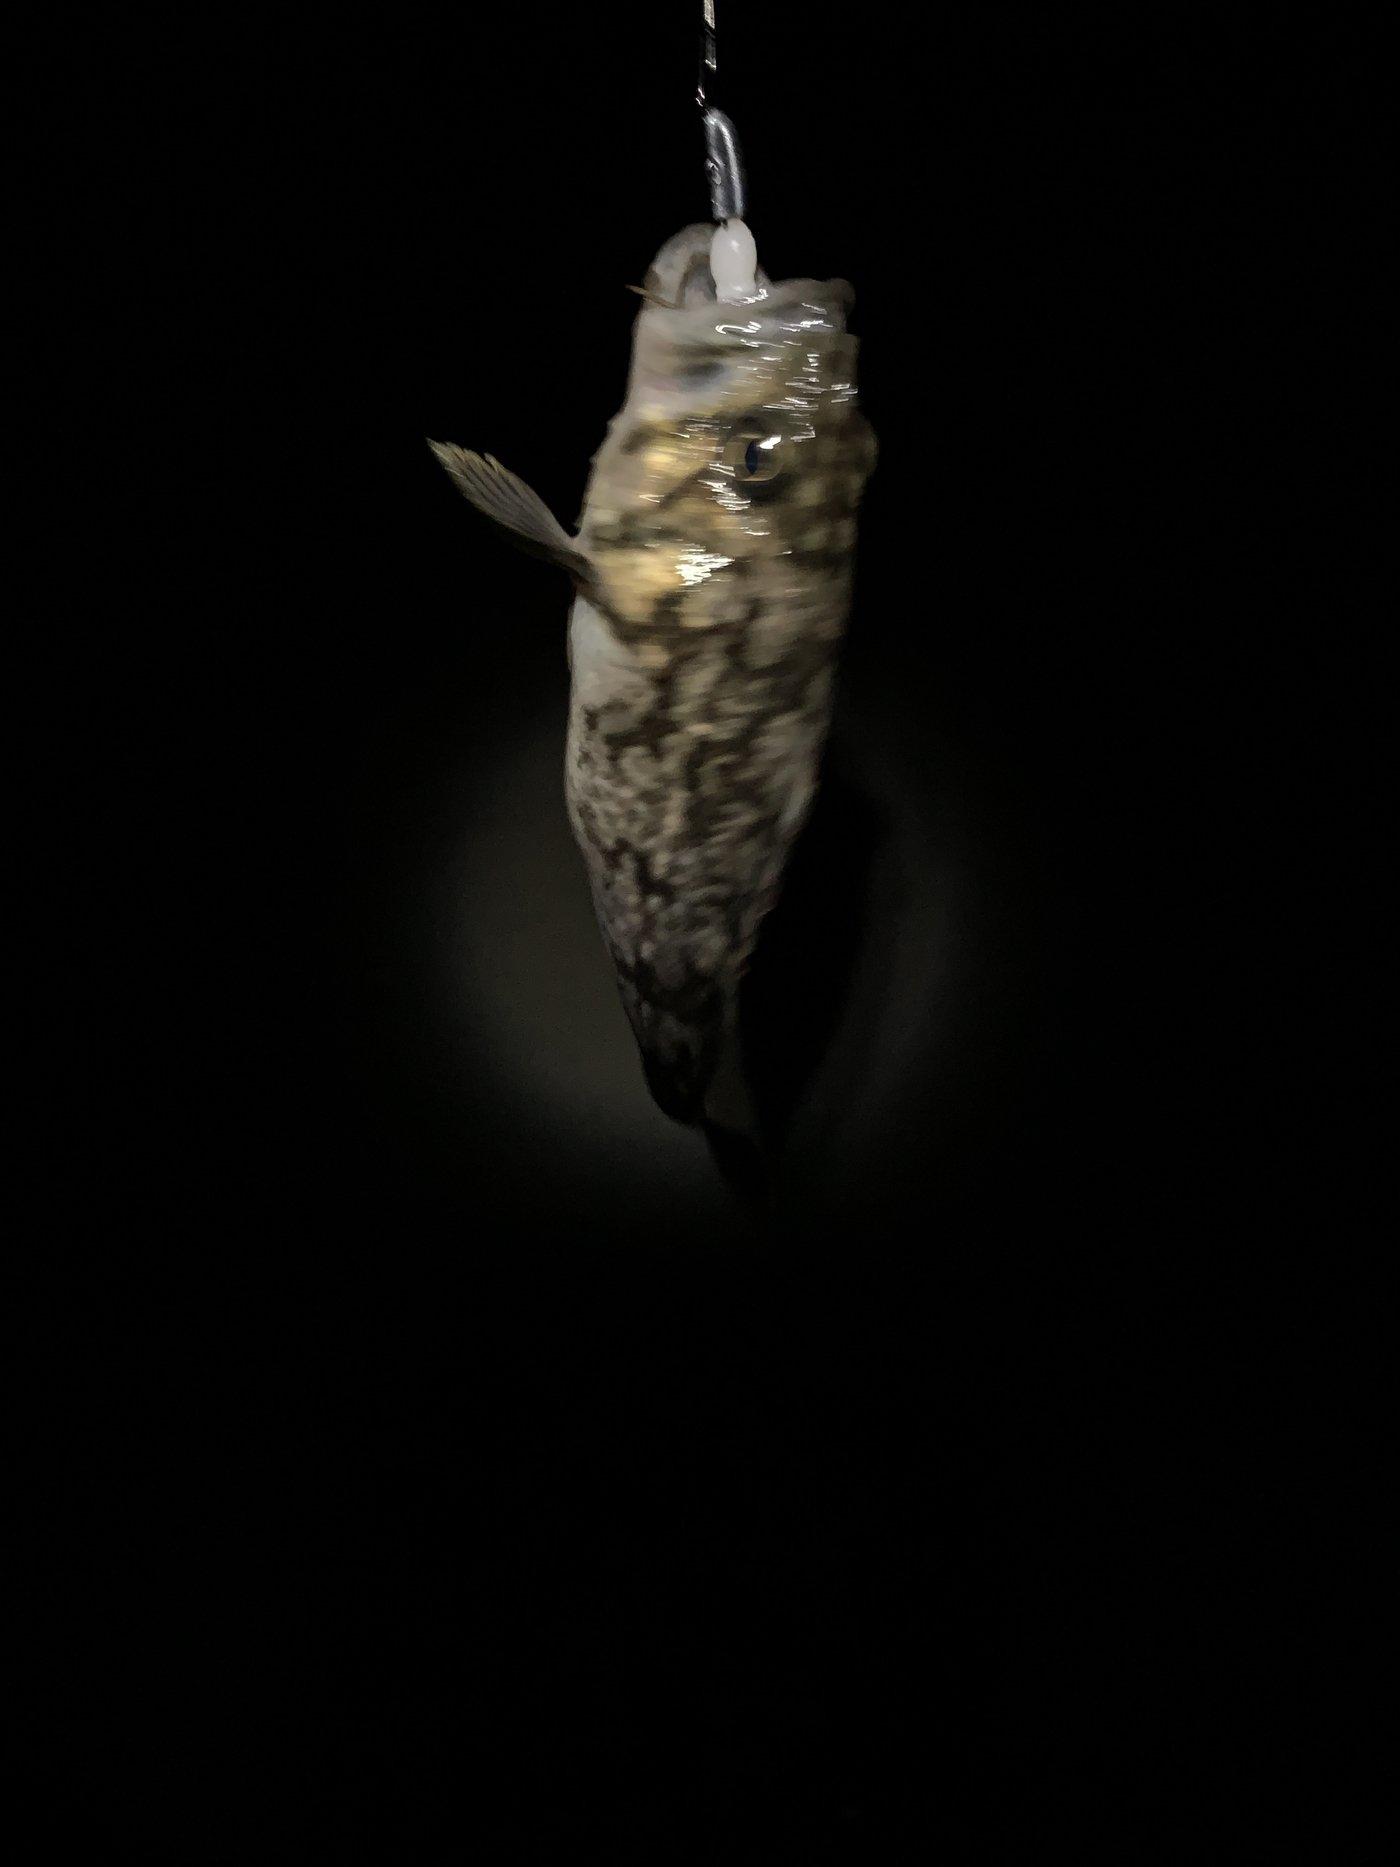 もっき@ゆるふわ子育てブロガーさんの投稿画像,写っている魚はソイ